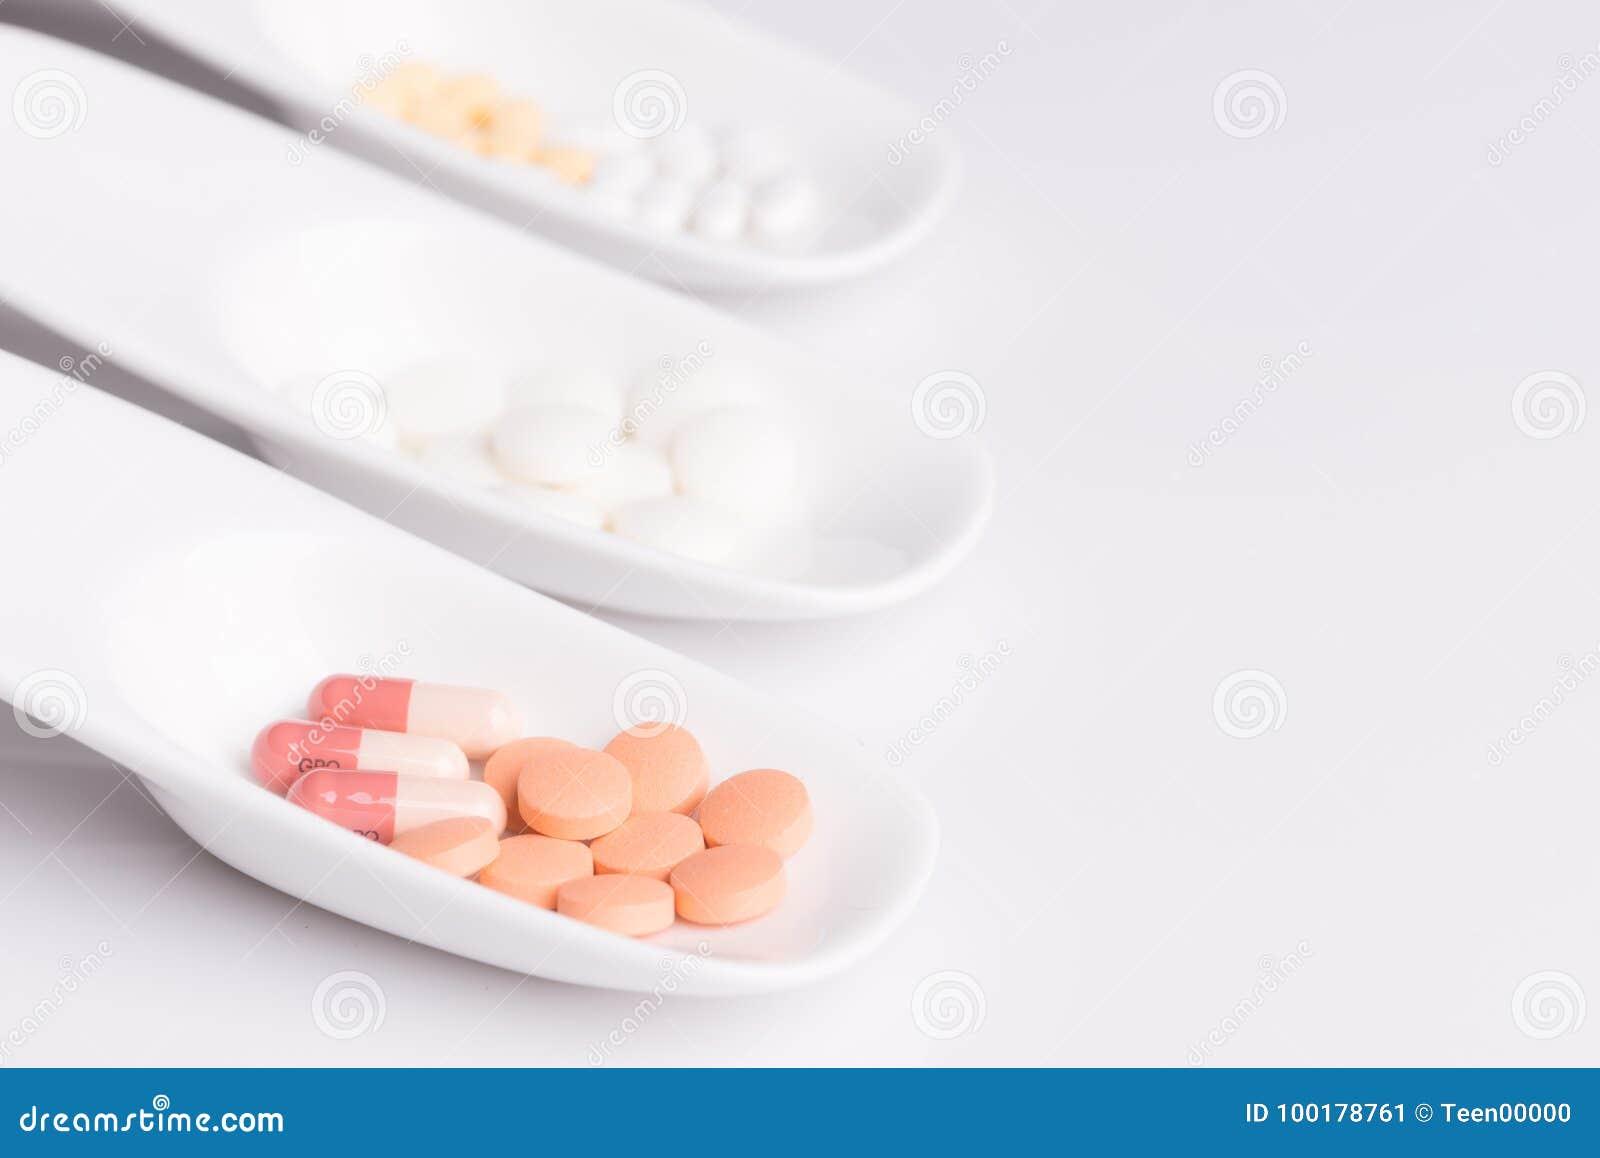 Le thème de pharmacie, médecine marque sur tablette les pilules antibiotiques